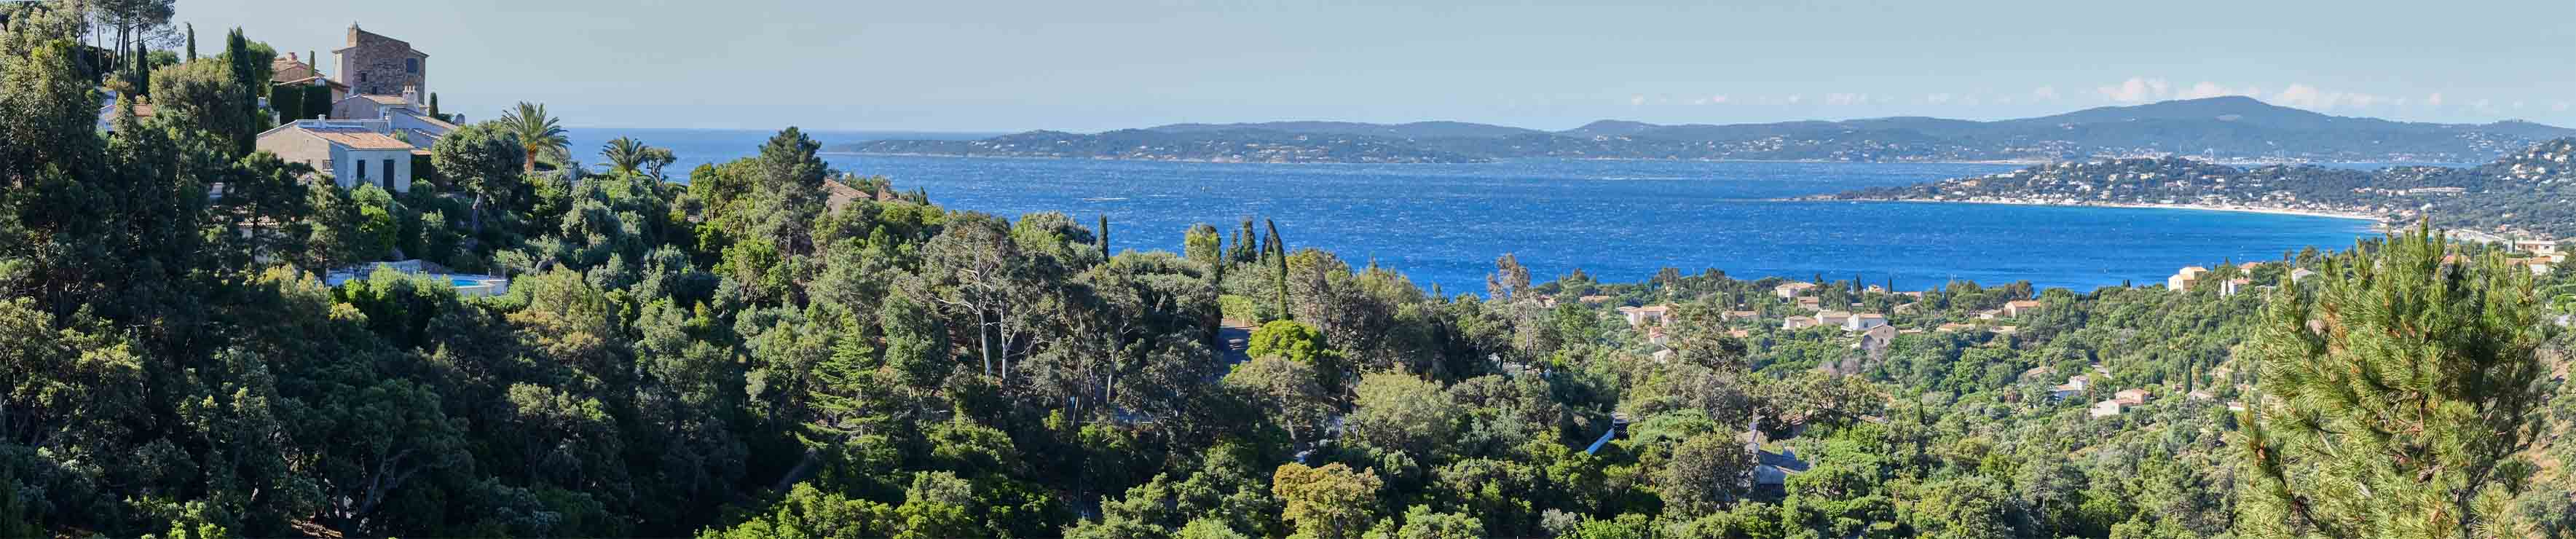 Ricoulette- Blick nach Süden auf den Golf von St. Tropez